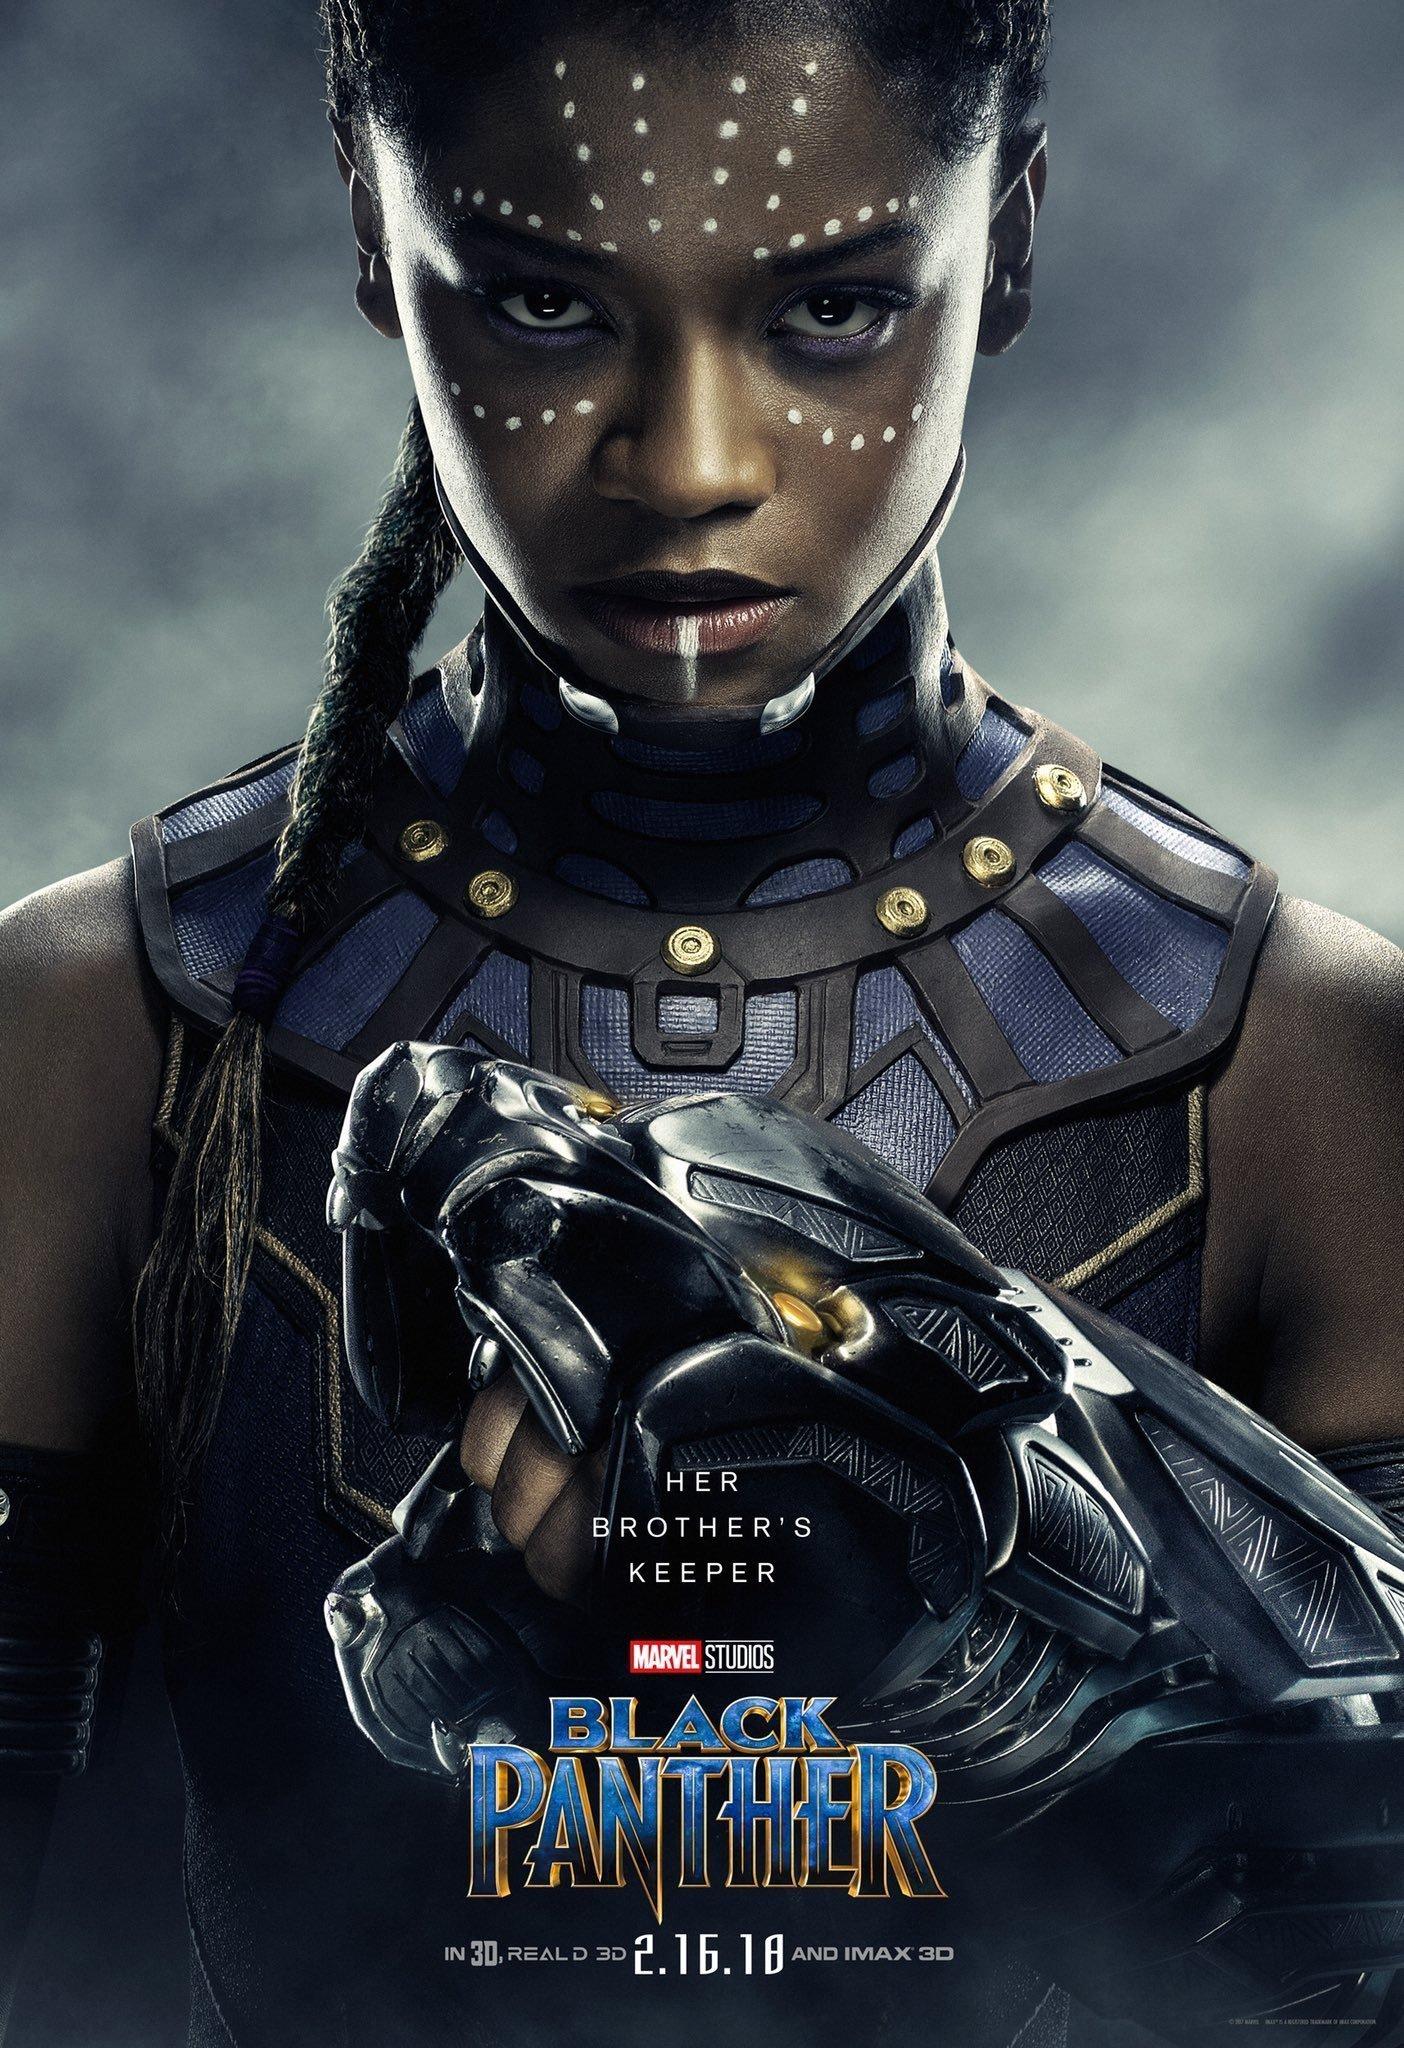 Poster du film Black Panther avec Letitia Wright (Shuri)